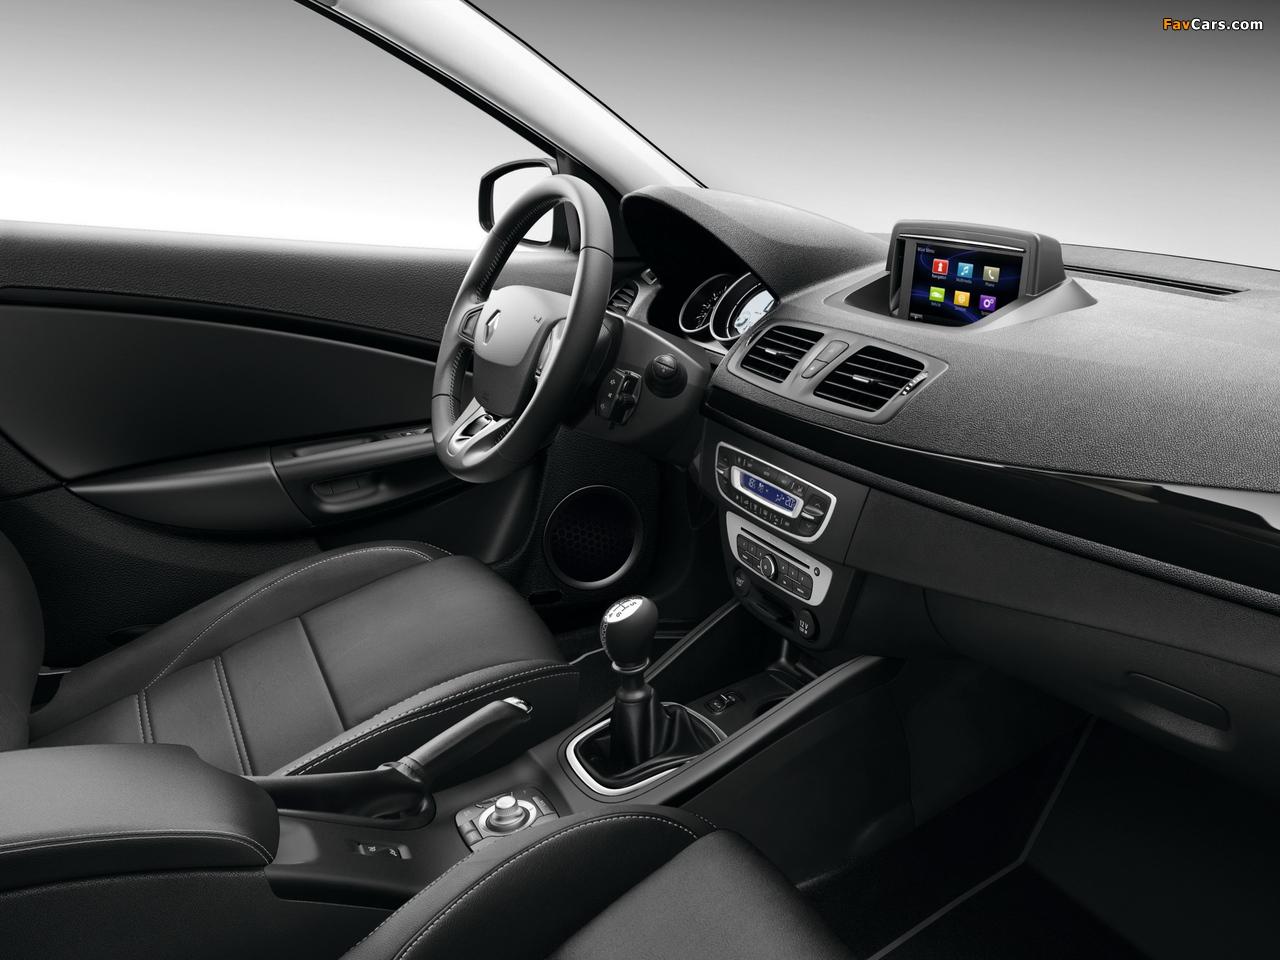 Renault Mégane Coupé-Cabriolet 2014 images (1280 x 960)